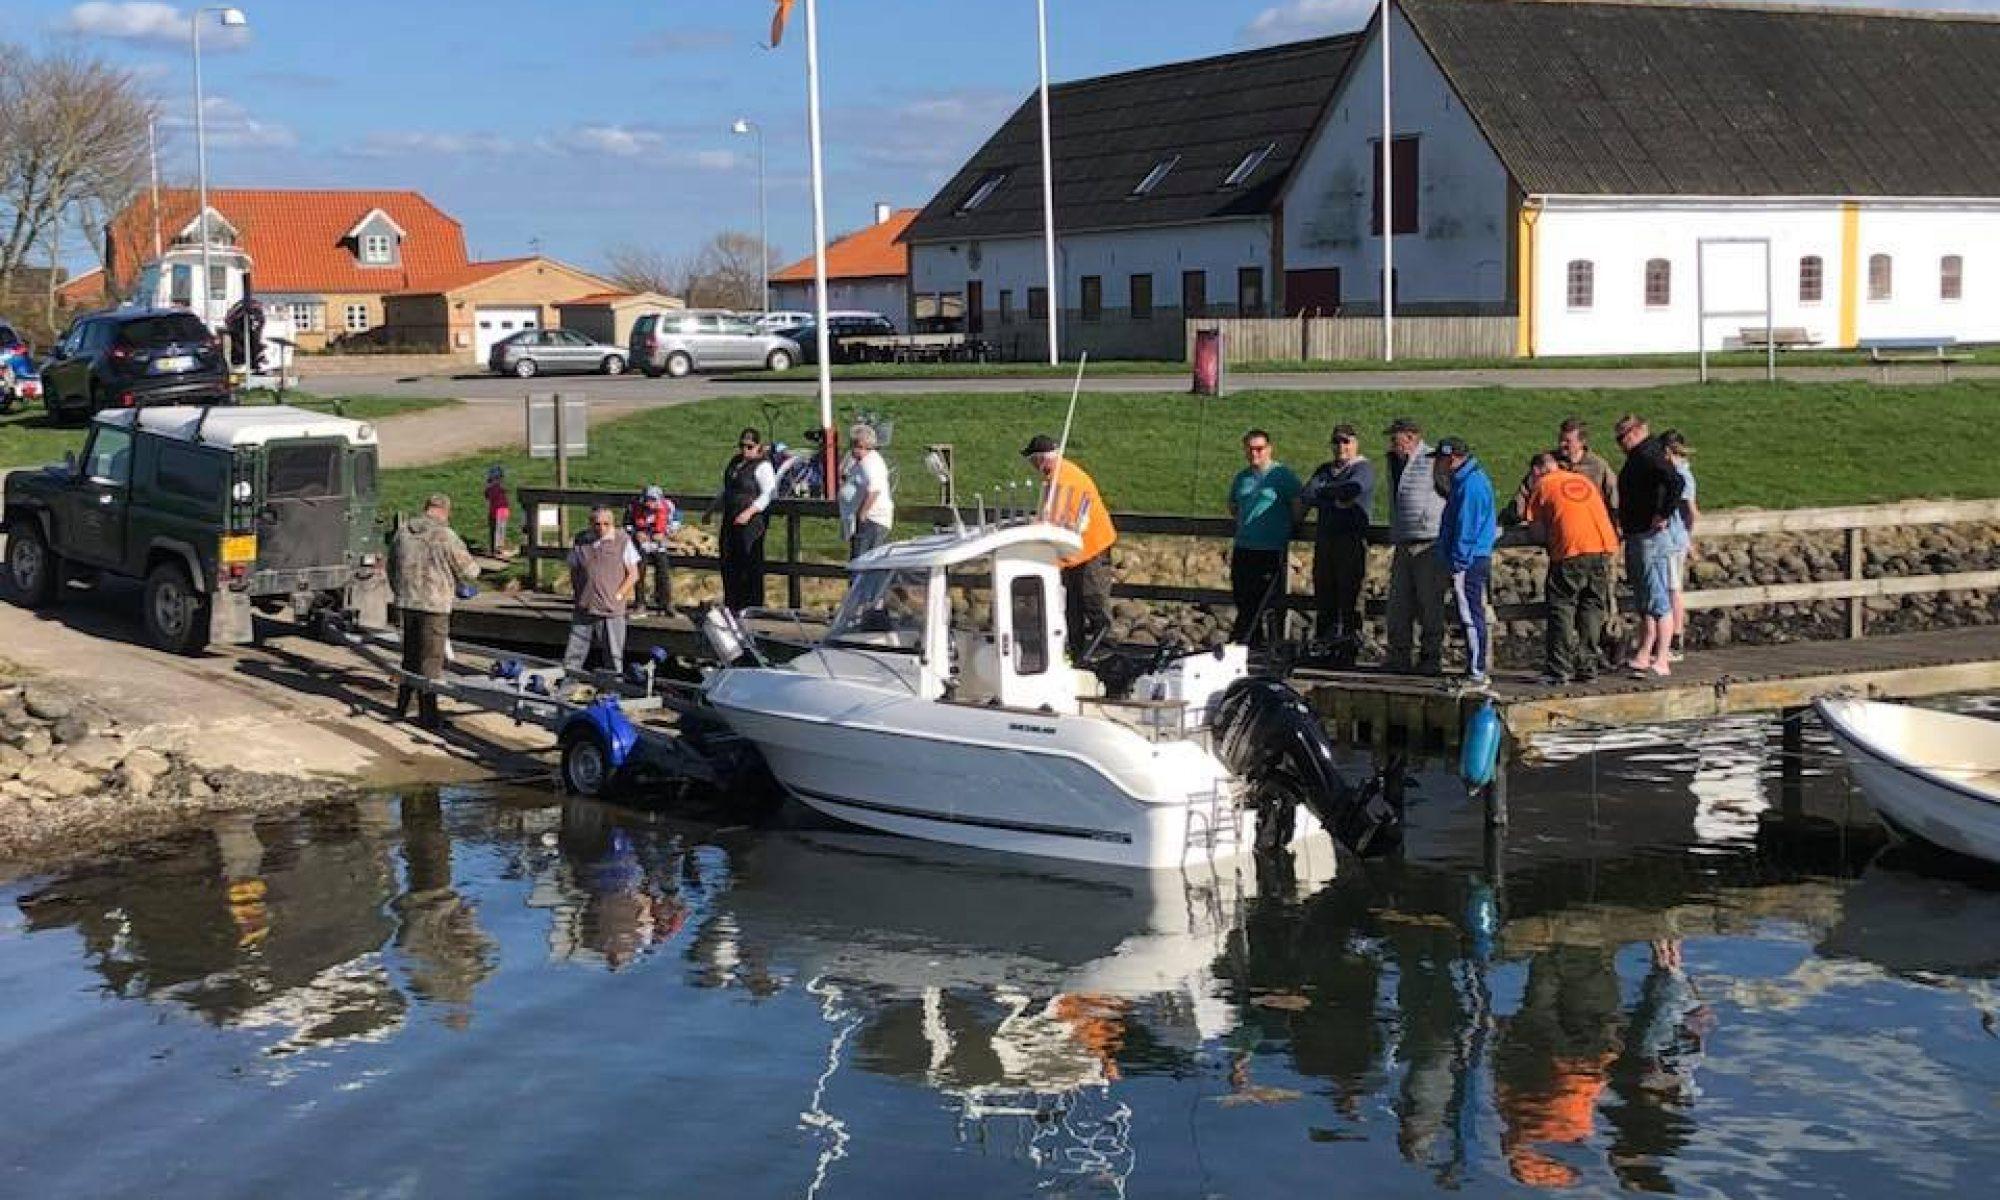 Sønderjyllands Småbådsklub